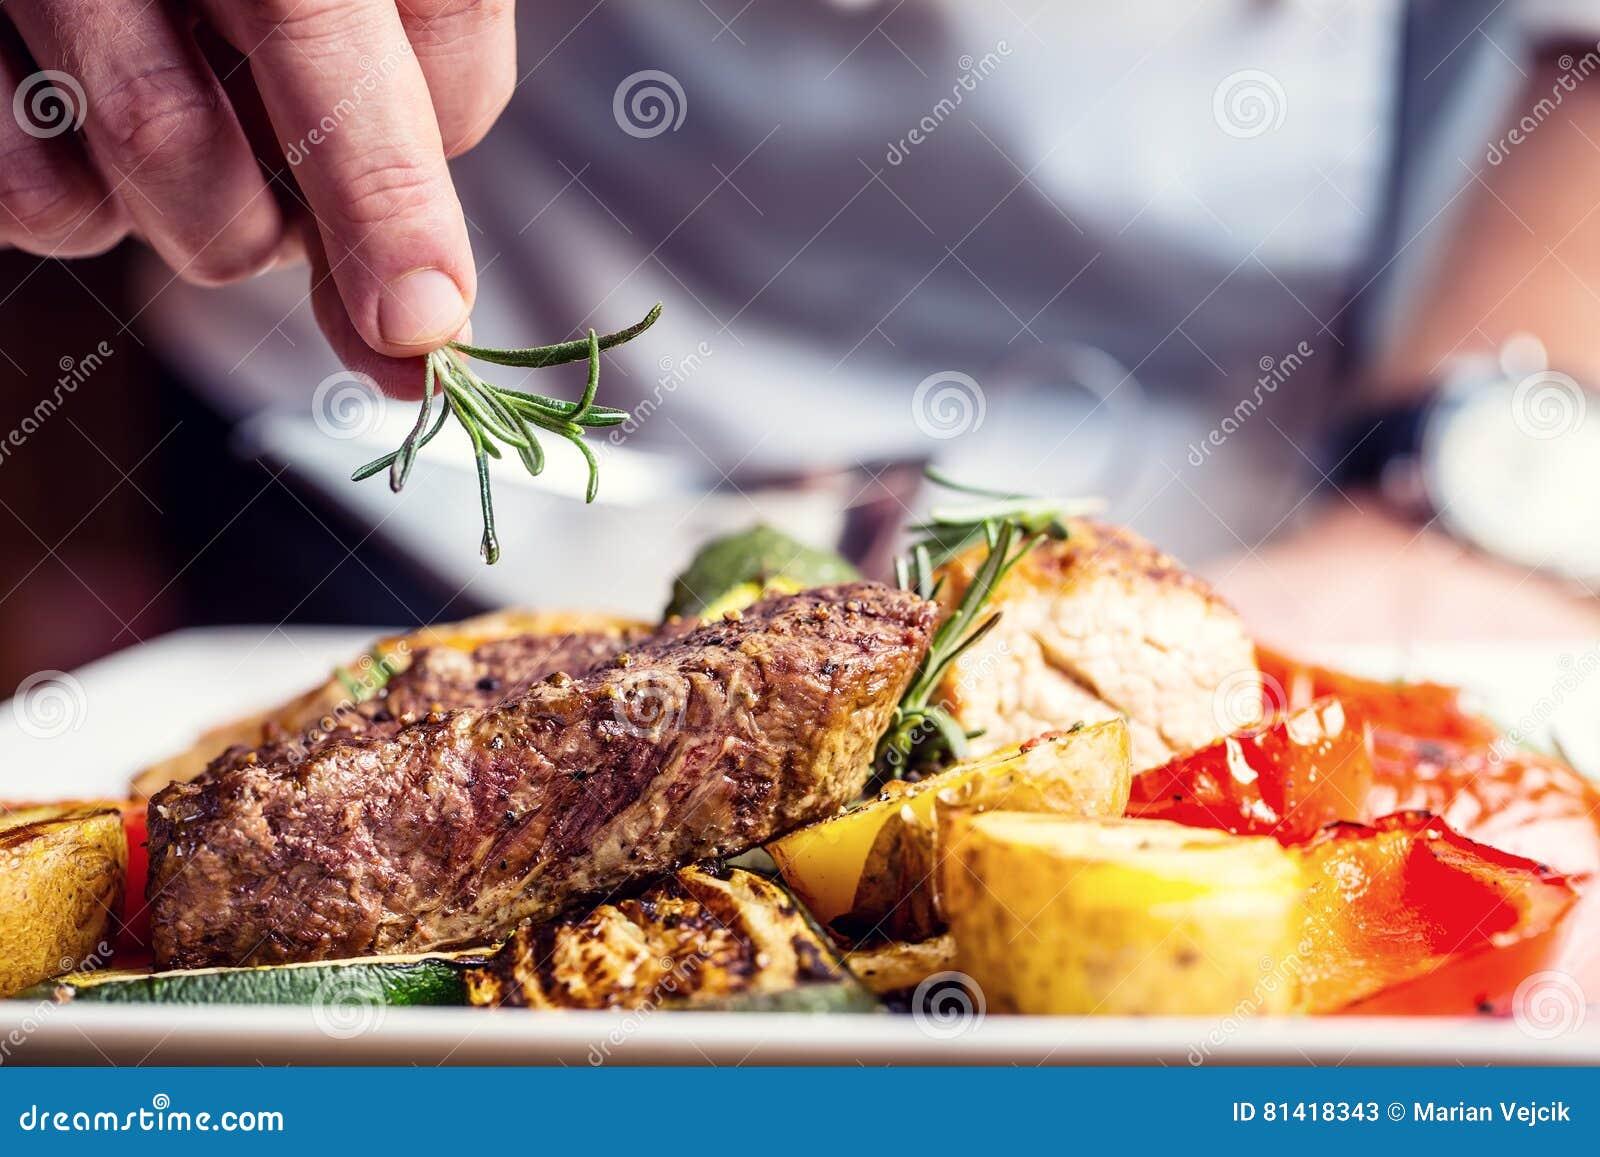 Chef in der Hotel- oder Restaurantküche nur Hände kochend Zugebereitetes Rindfleischsteak mit Gemüsedekoration